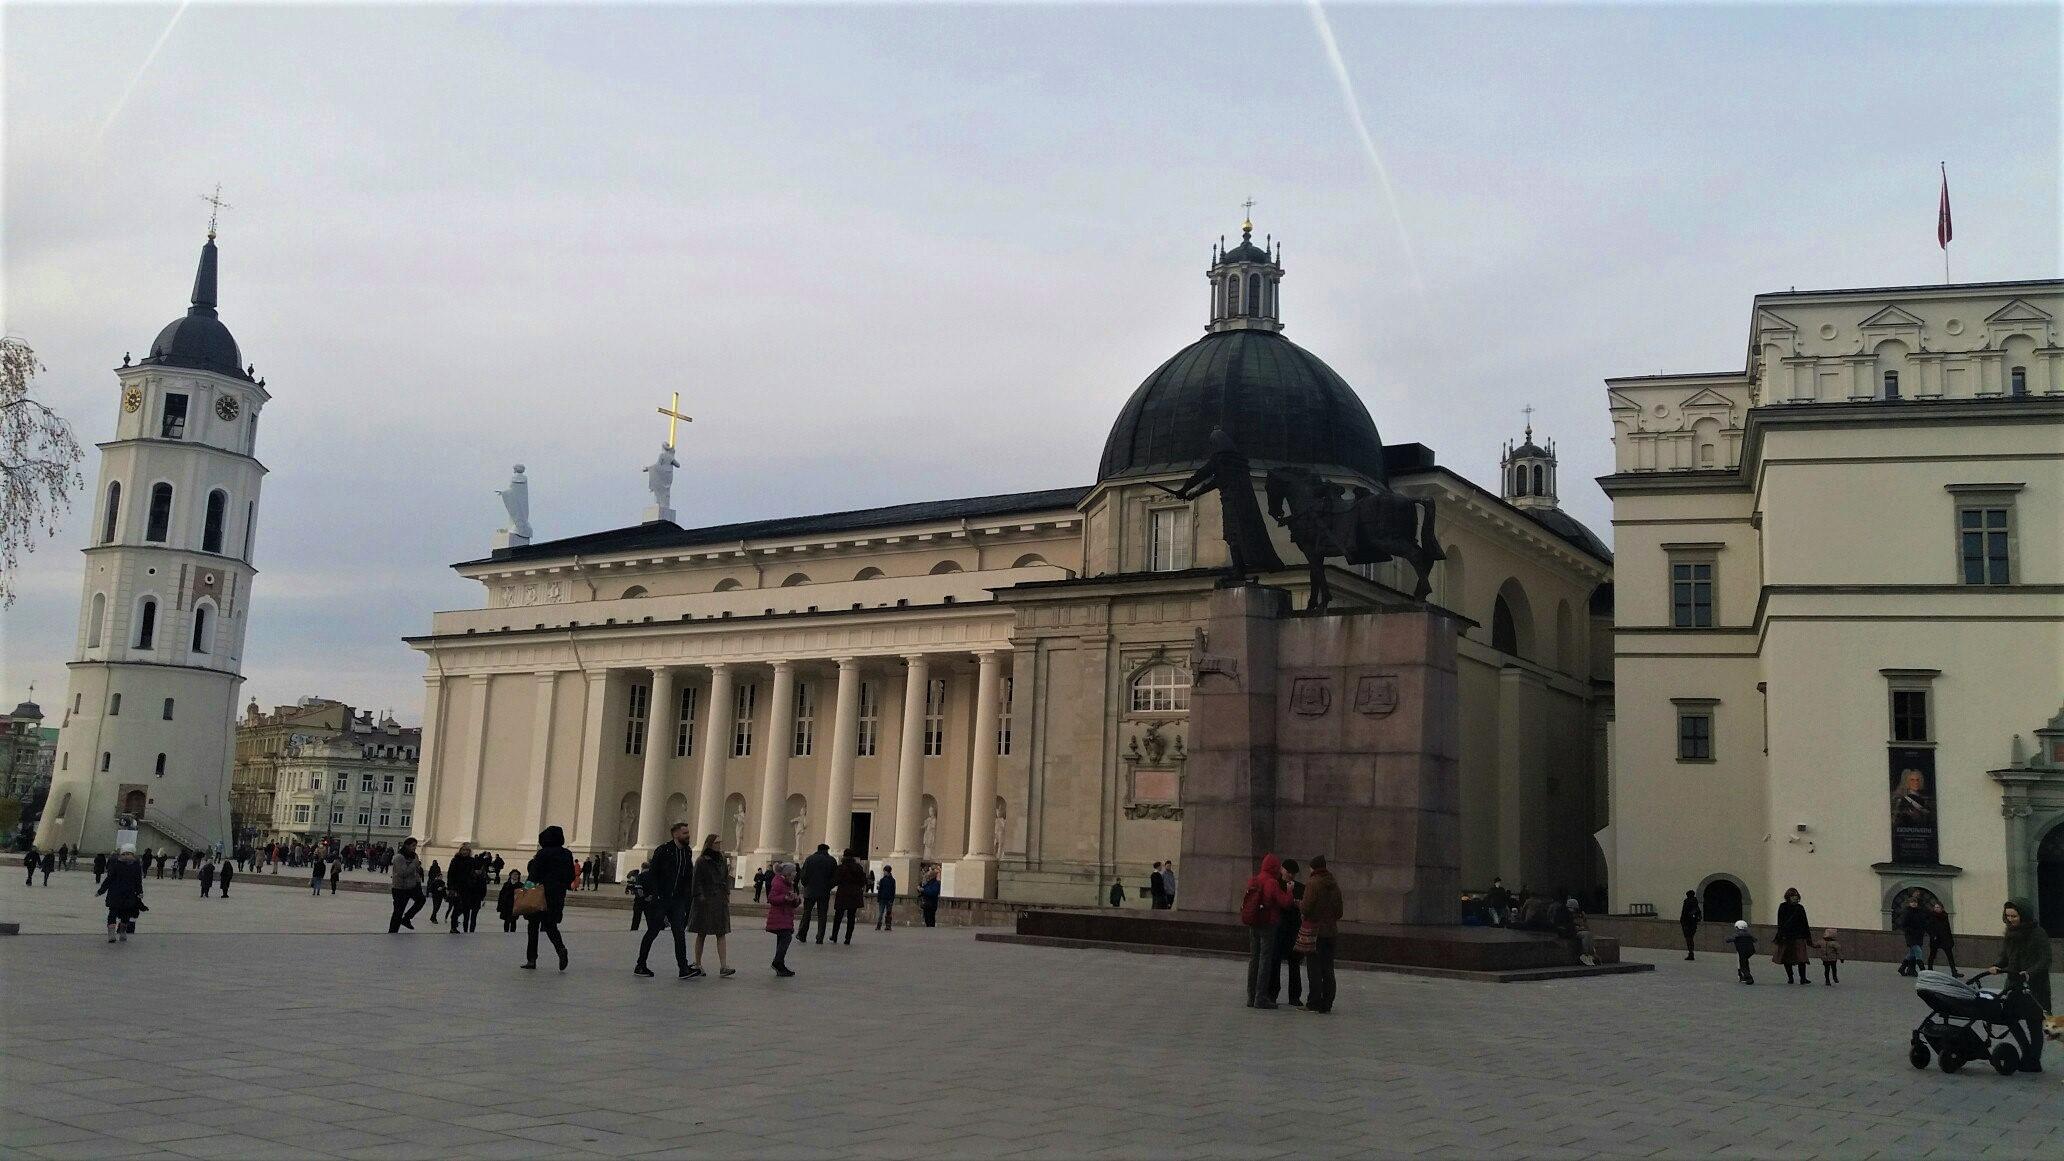 Поездка в Литву: замки, цеппелины и добрый доктор Айболит